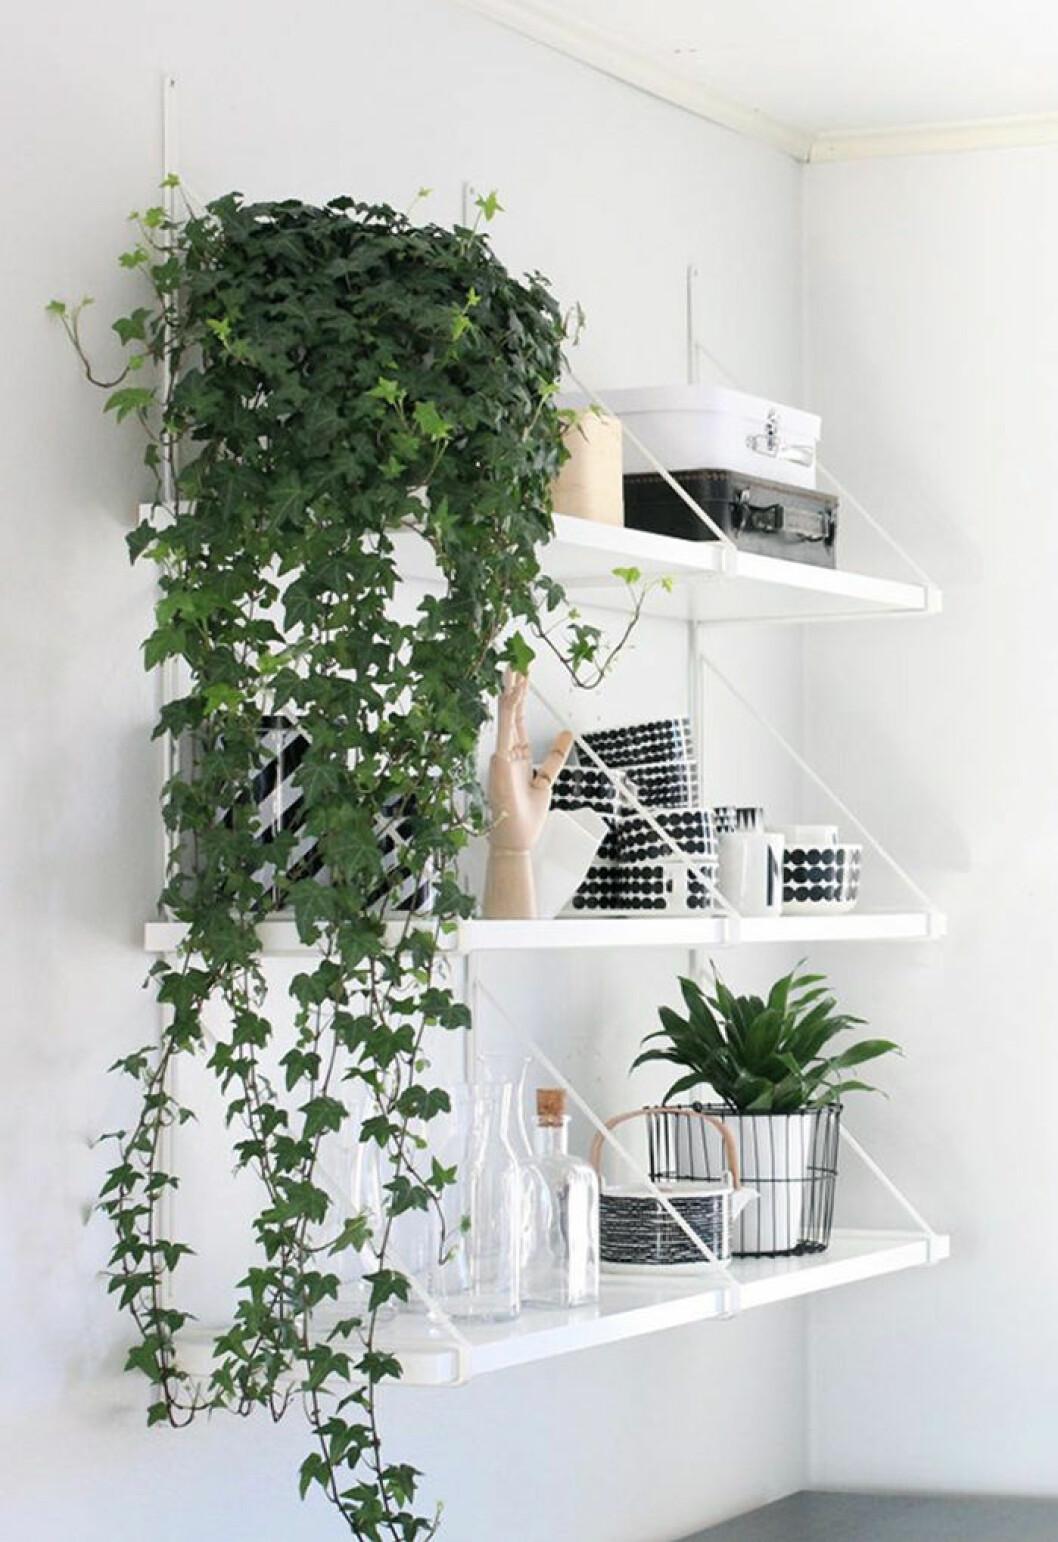 Inred med växter på liten yta med smarta compact living-knep